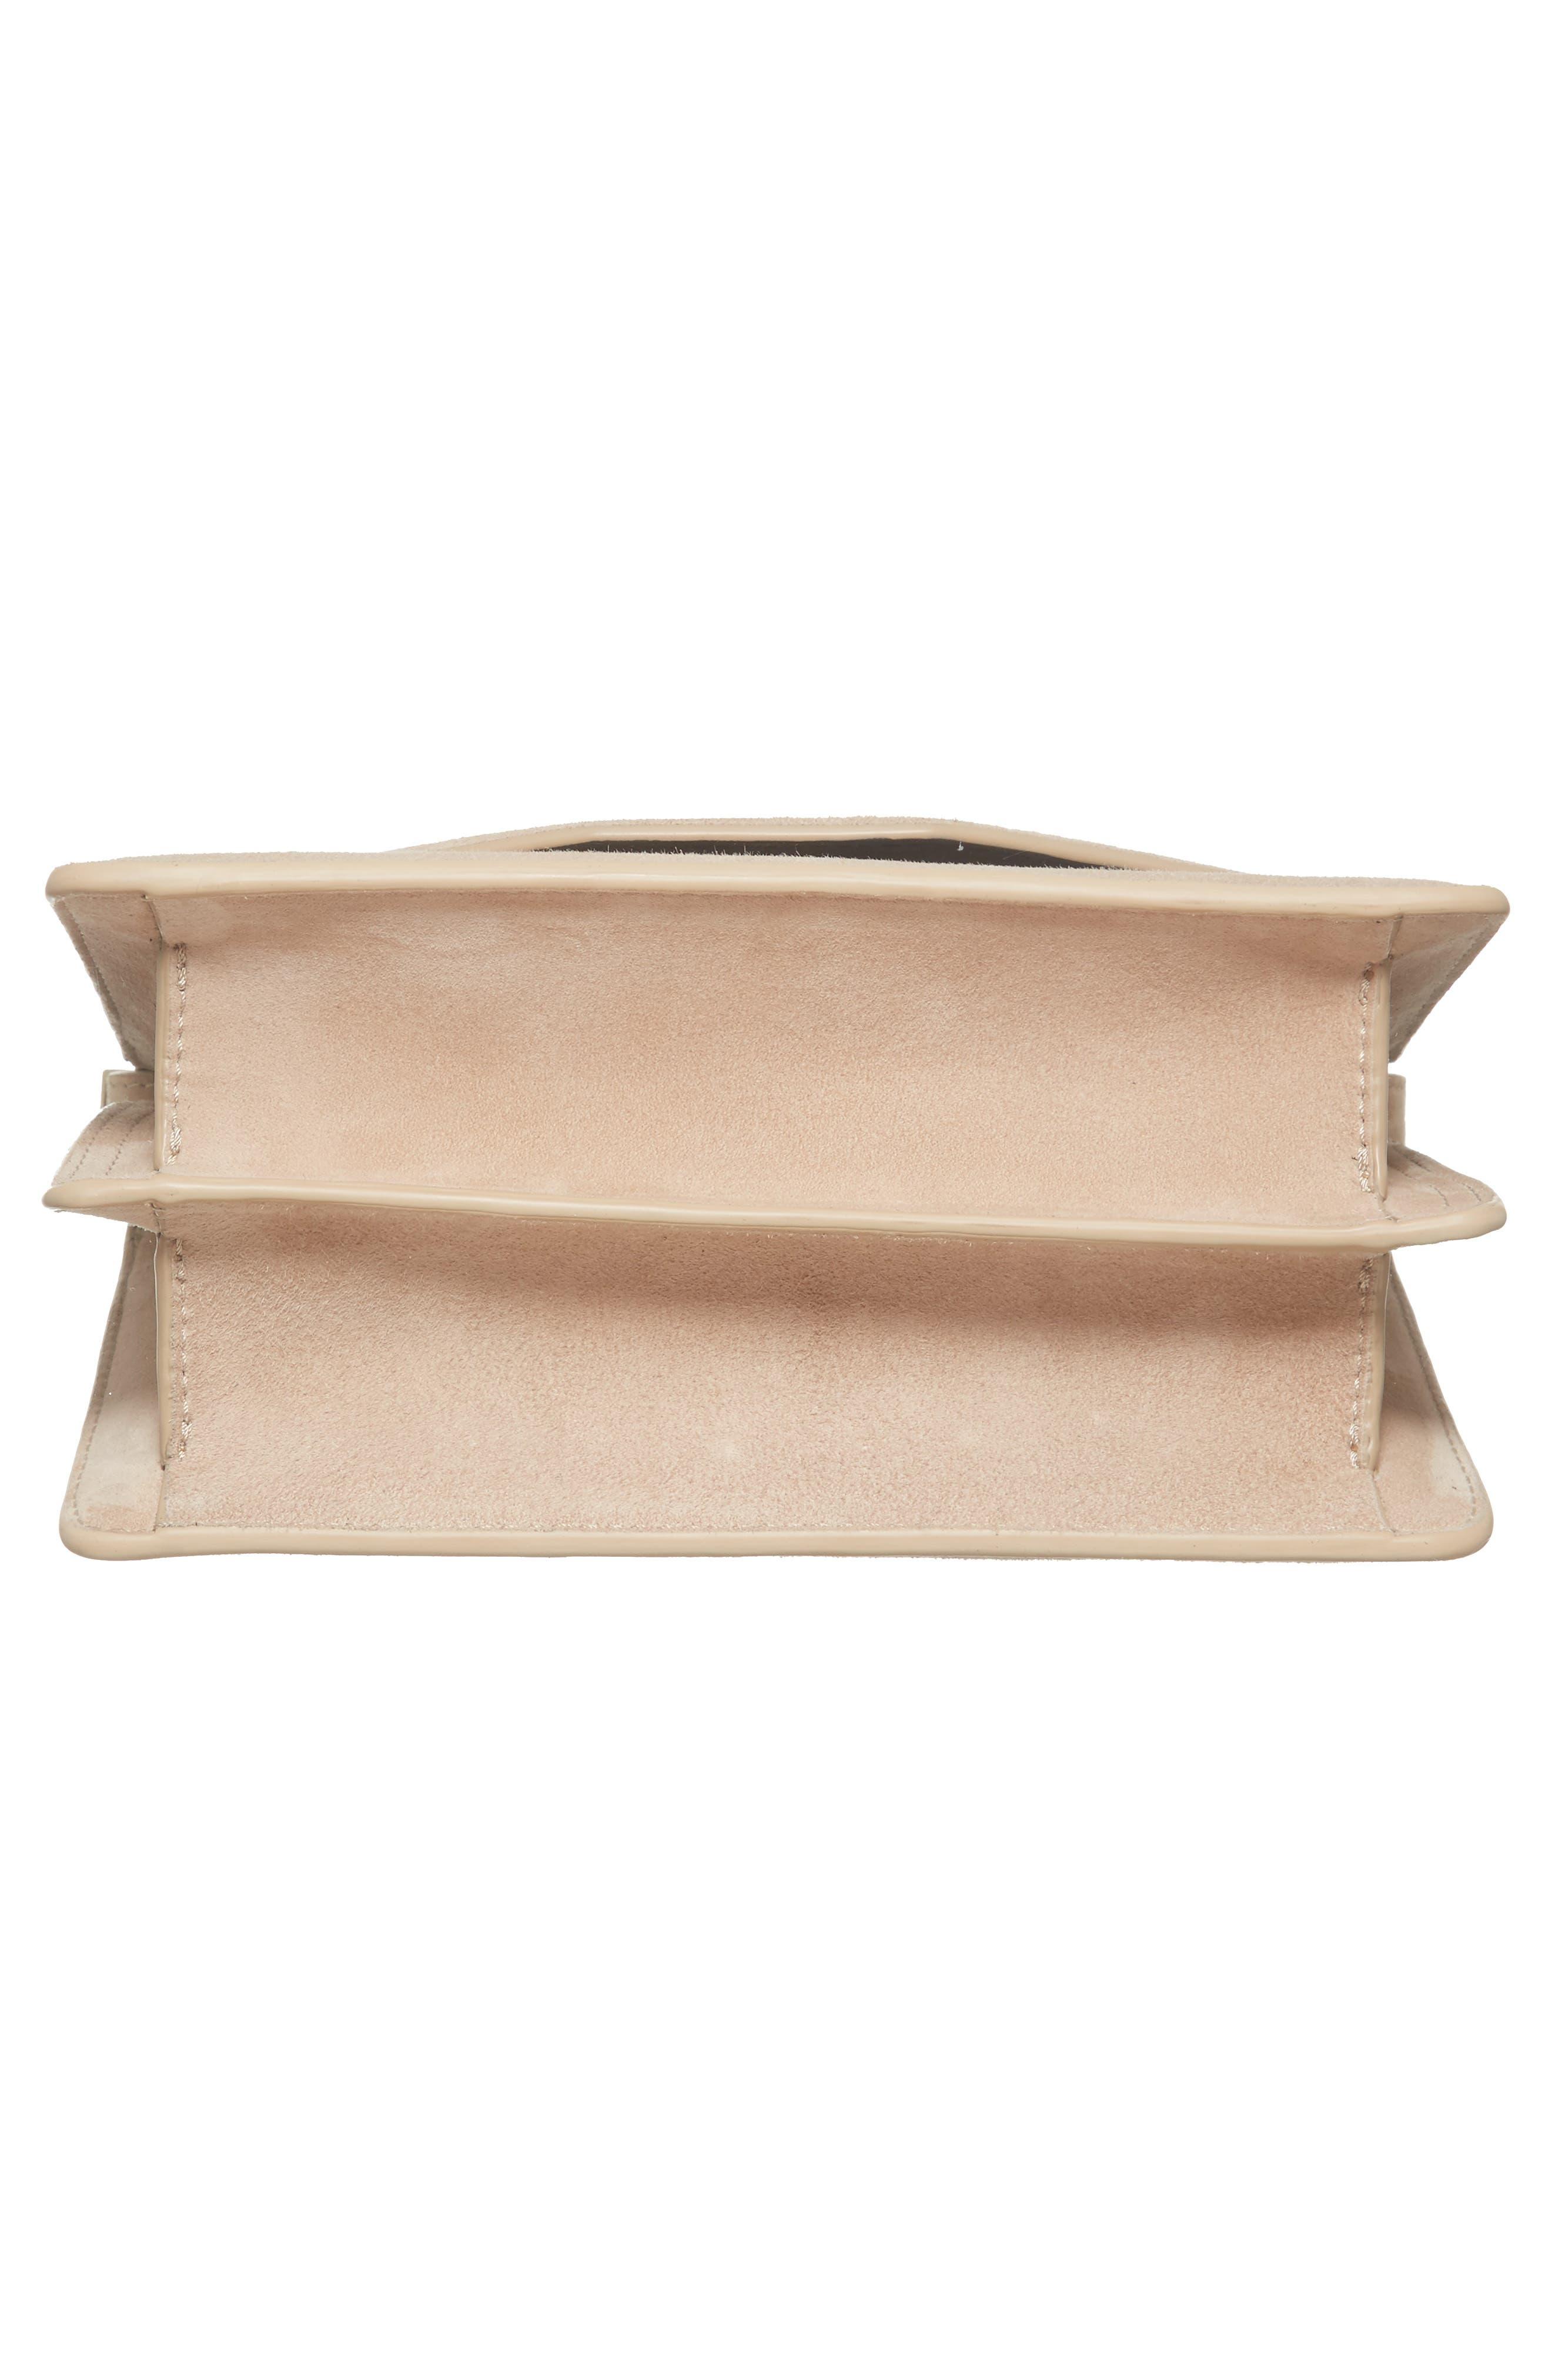 Indre Suede Shoulder Bag,                             Alternate thumbnail 6, color,                             200